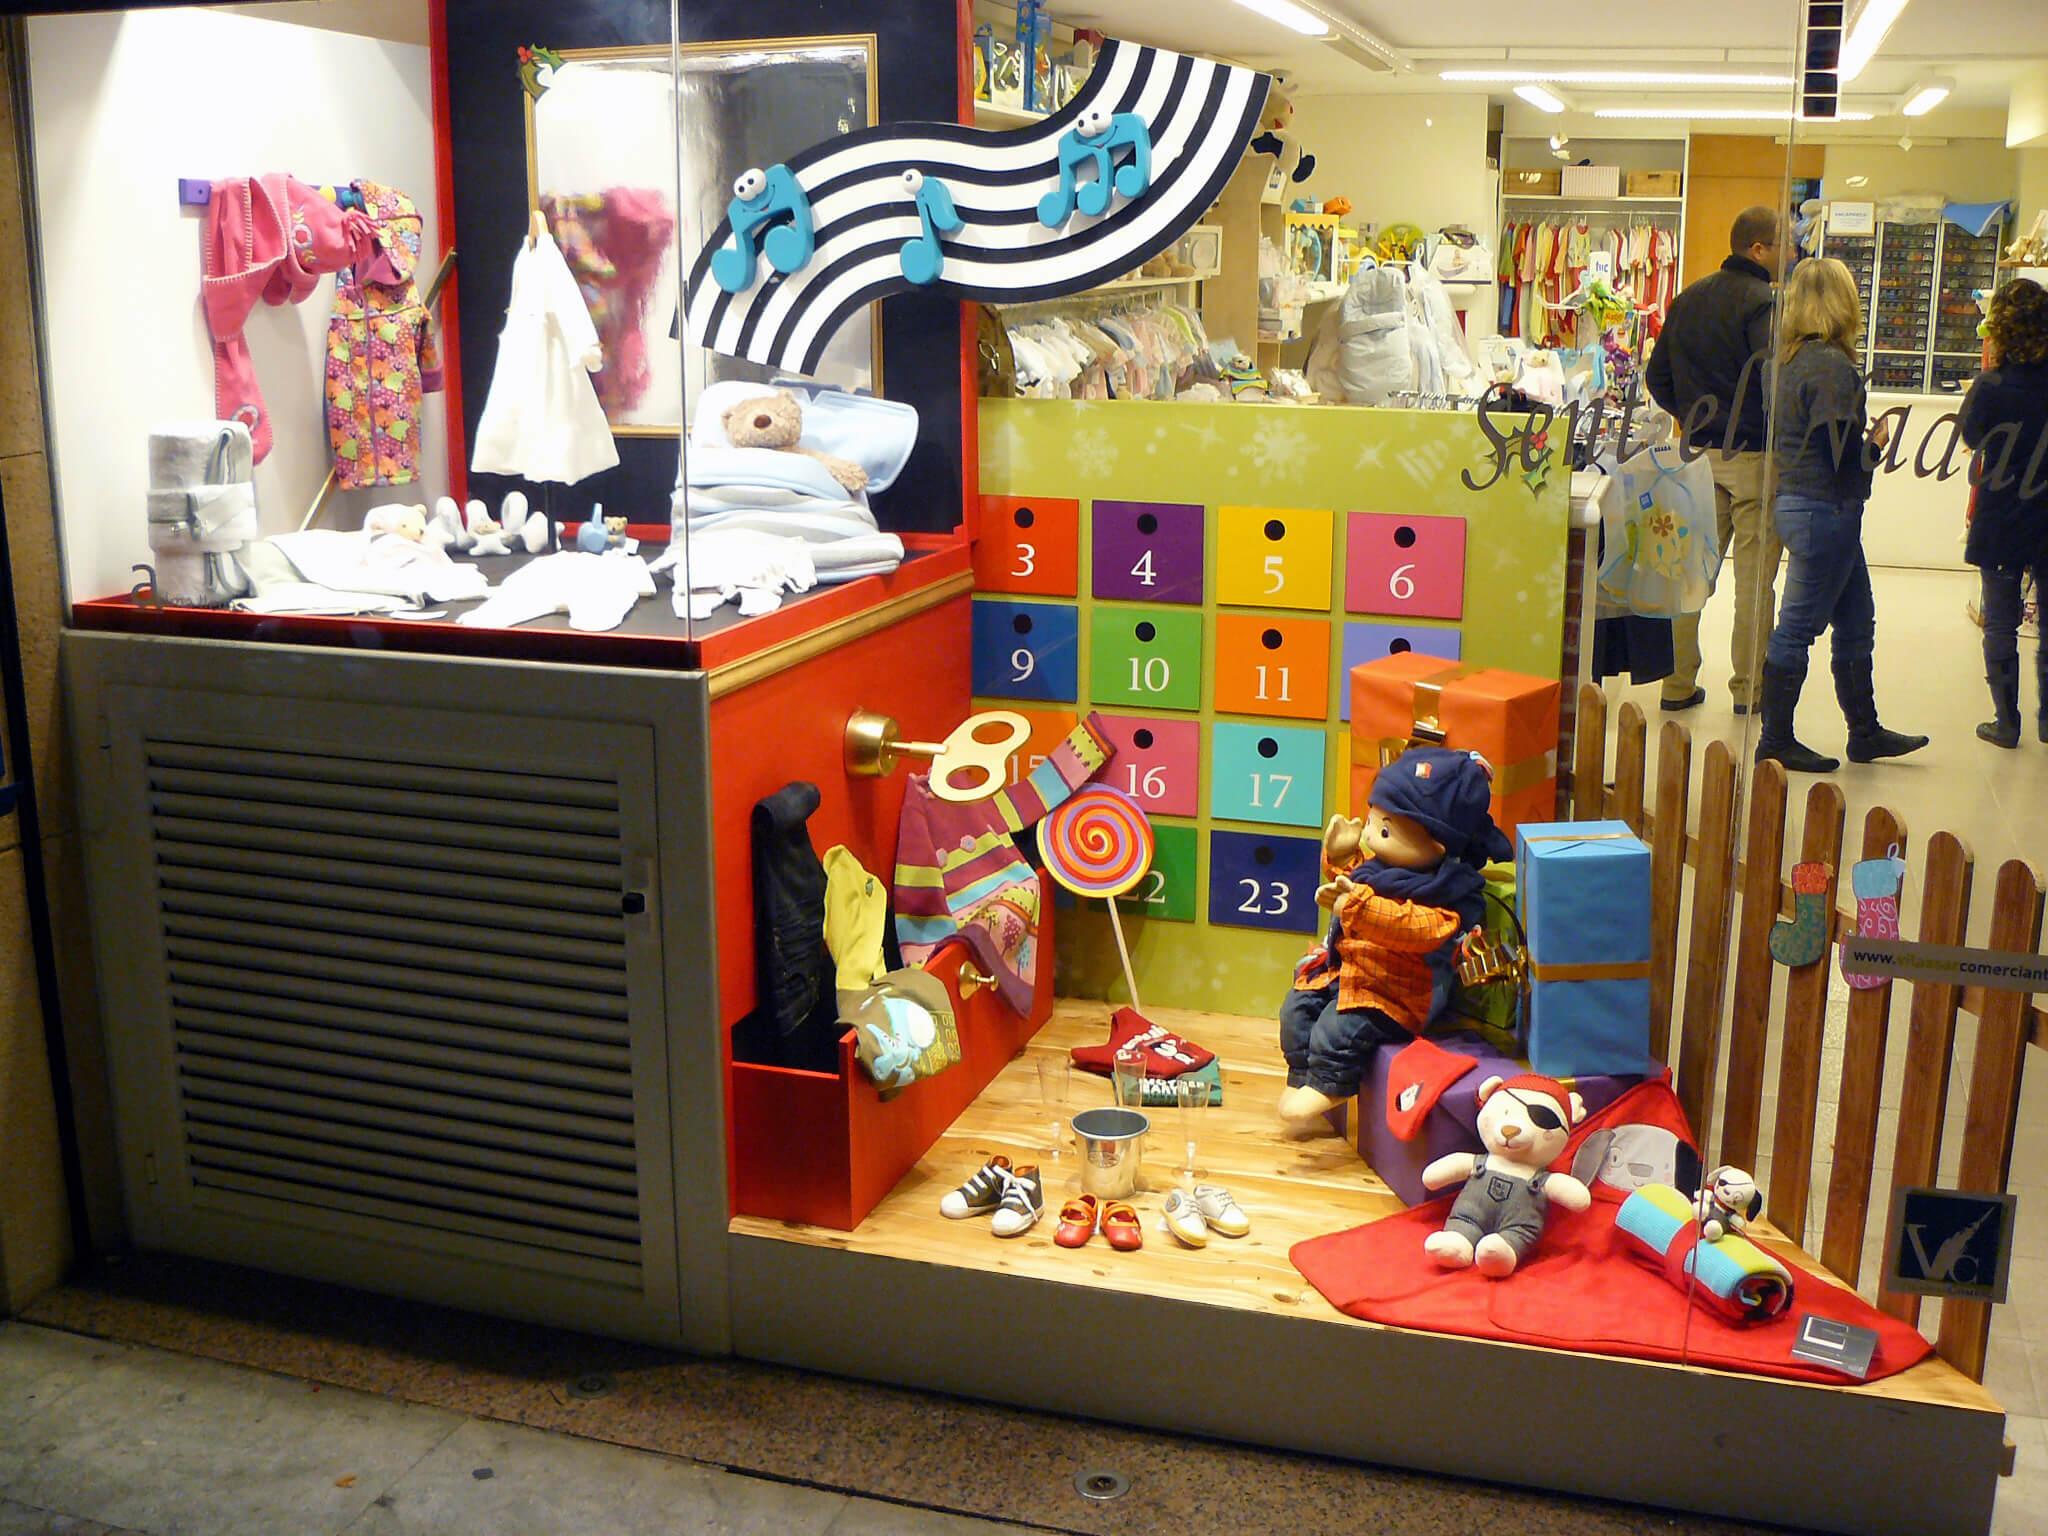 Escaparate moda infantil sent el nadal escaparates de - Adornos de navidad para escaparates ...